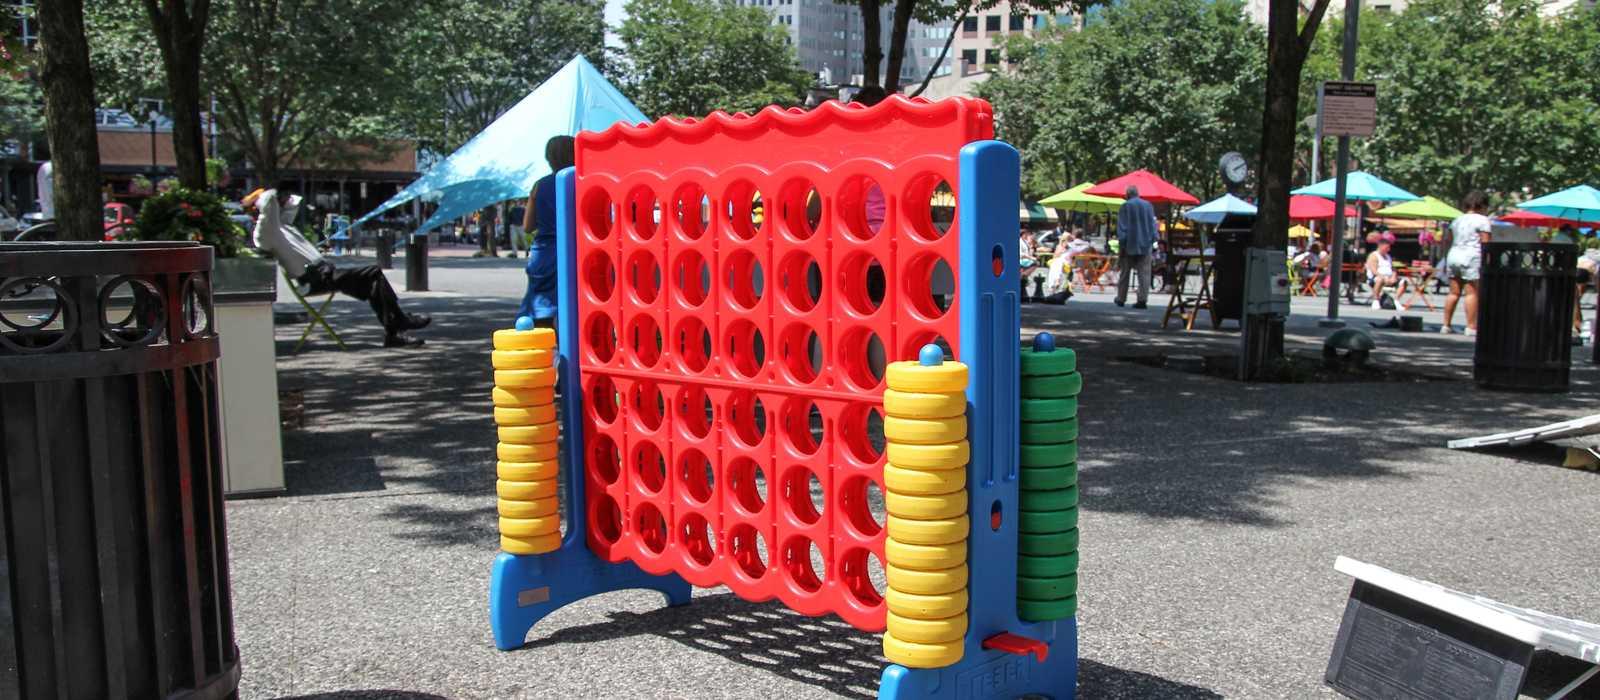 Spielspaß auf dem Market Square in Pittsburgh